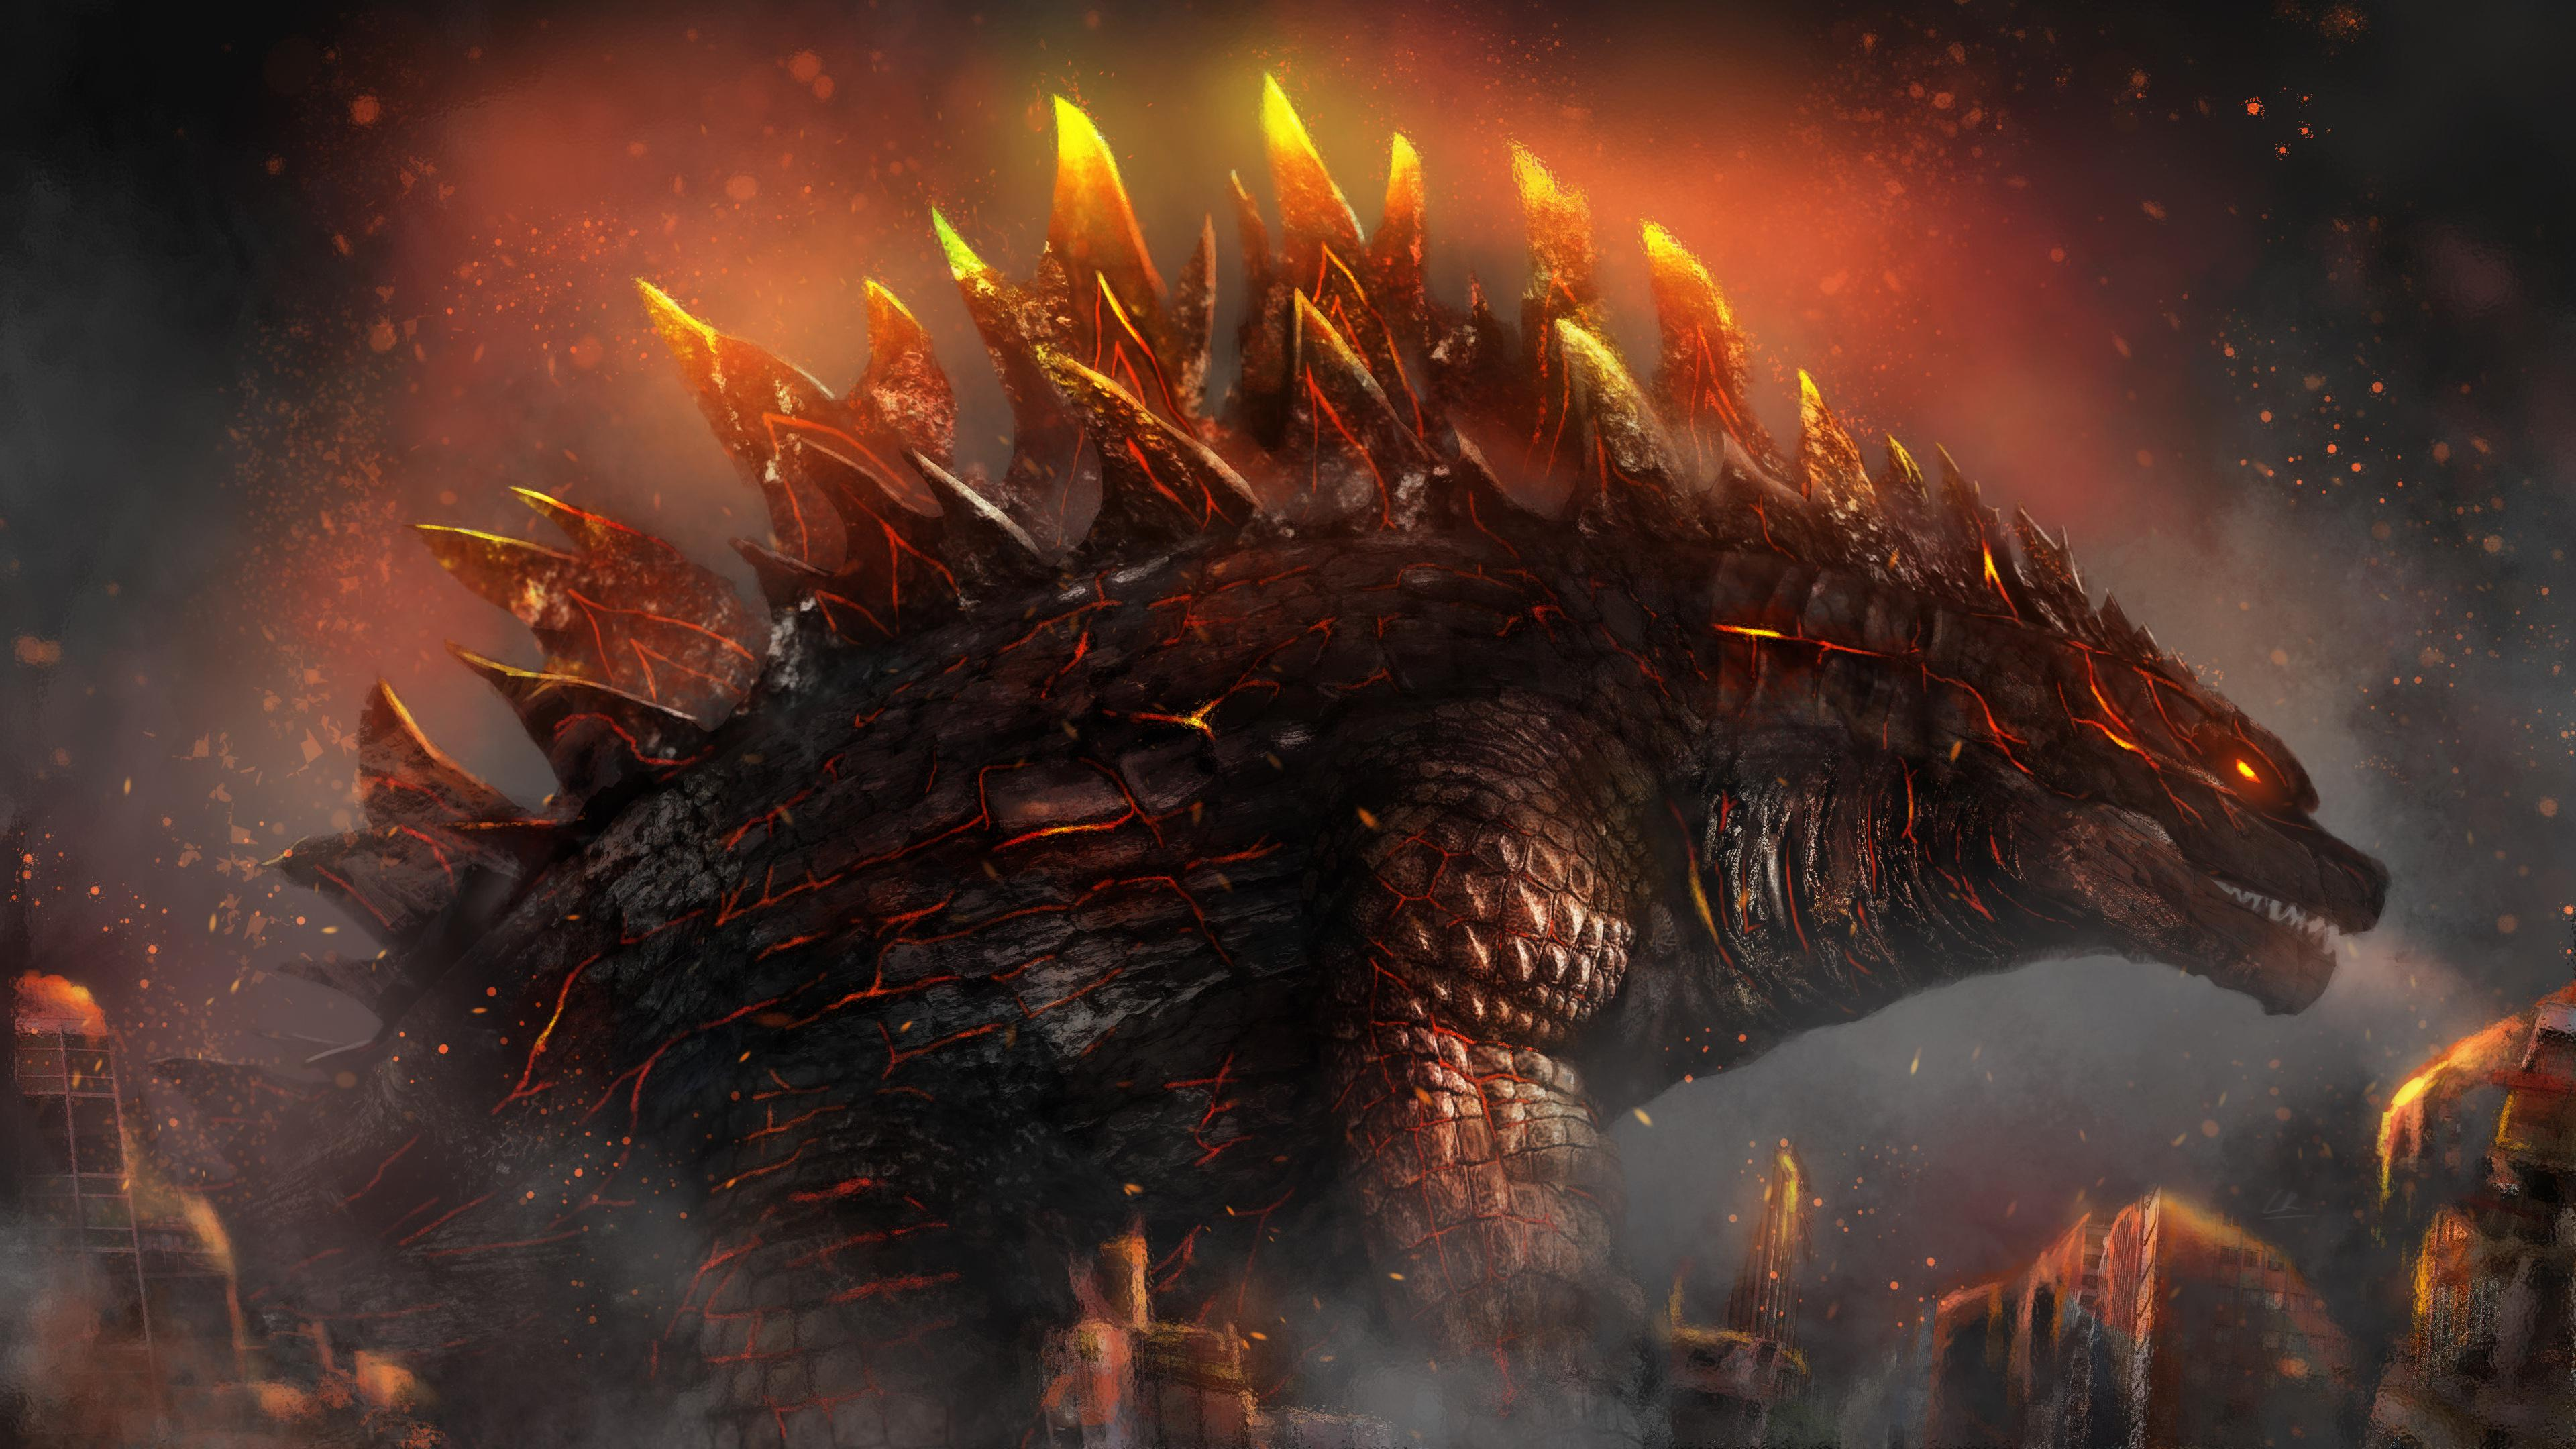 Godzilla Wallpaper 4k 3840x2160 Wallpaper Teahub Io